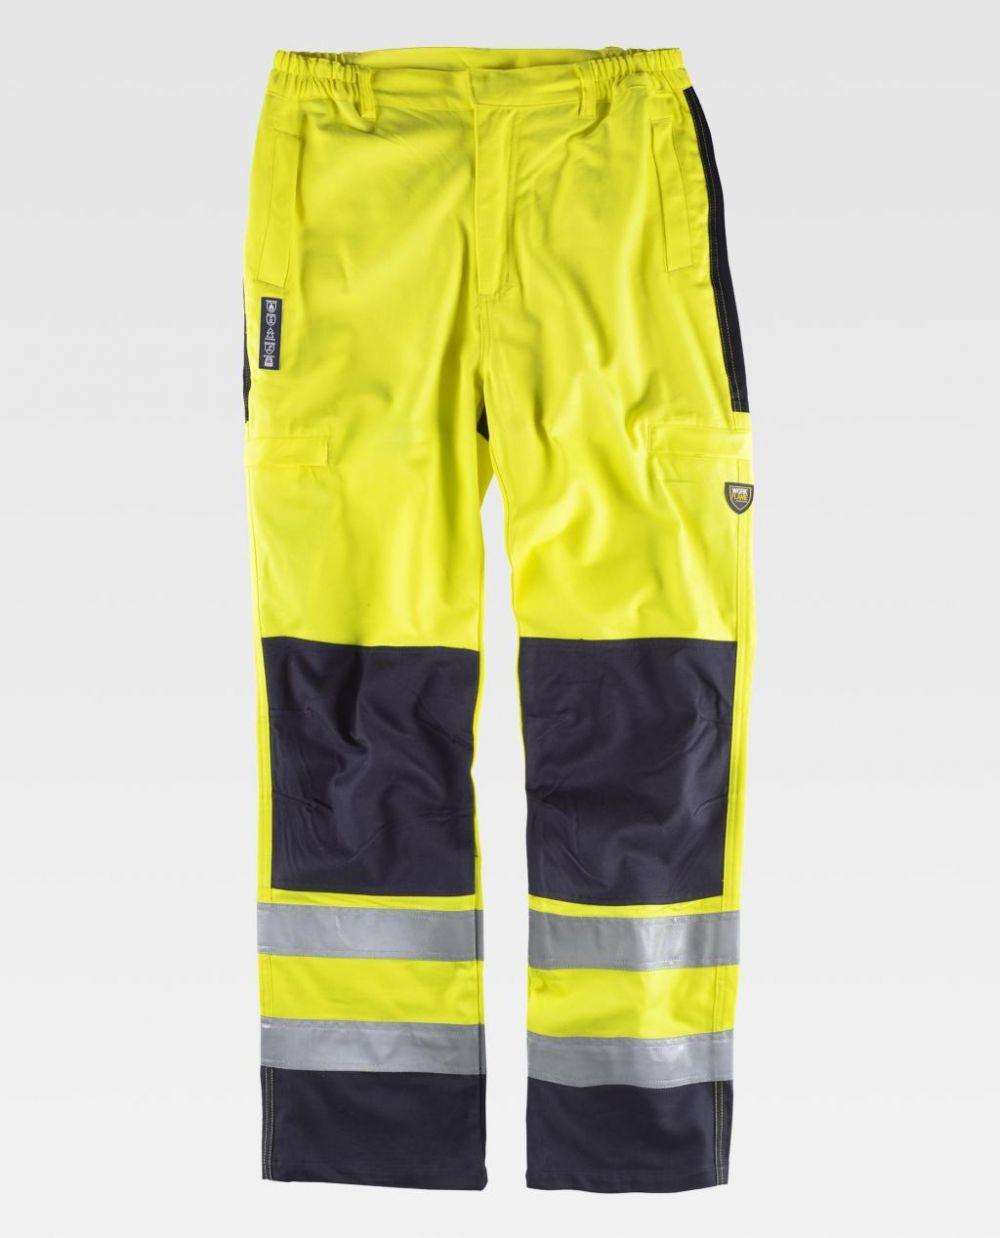 Pantalones reflectantes workteam inifugo, antiestatico proteccion para soldadura de algodon para personalizar vista 1